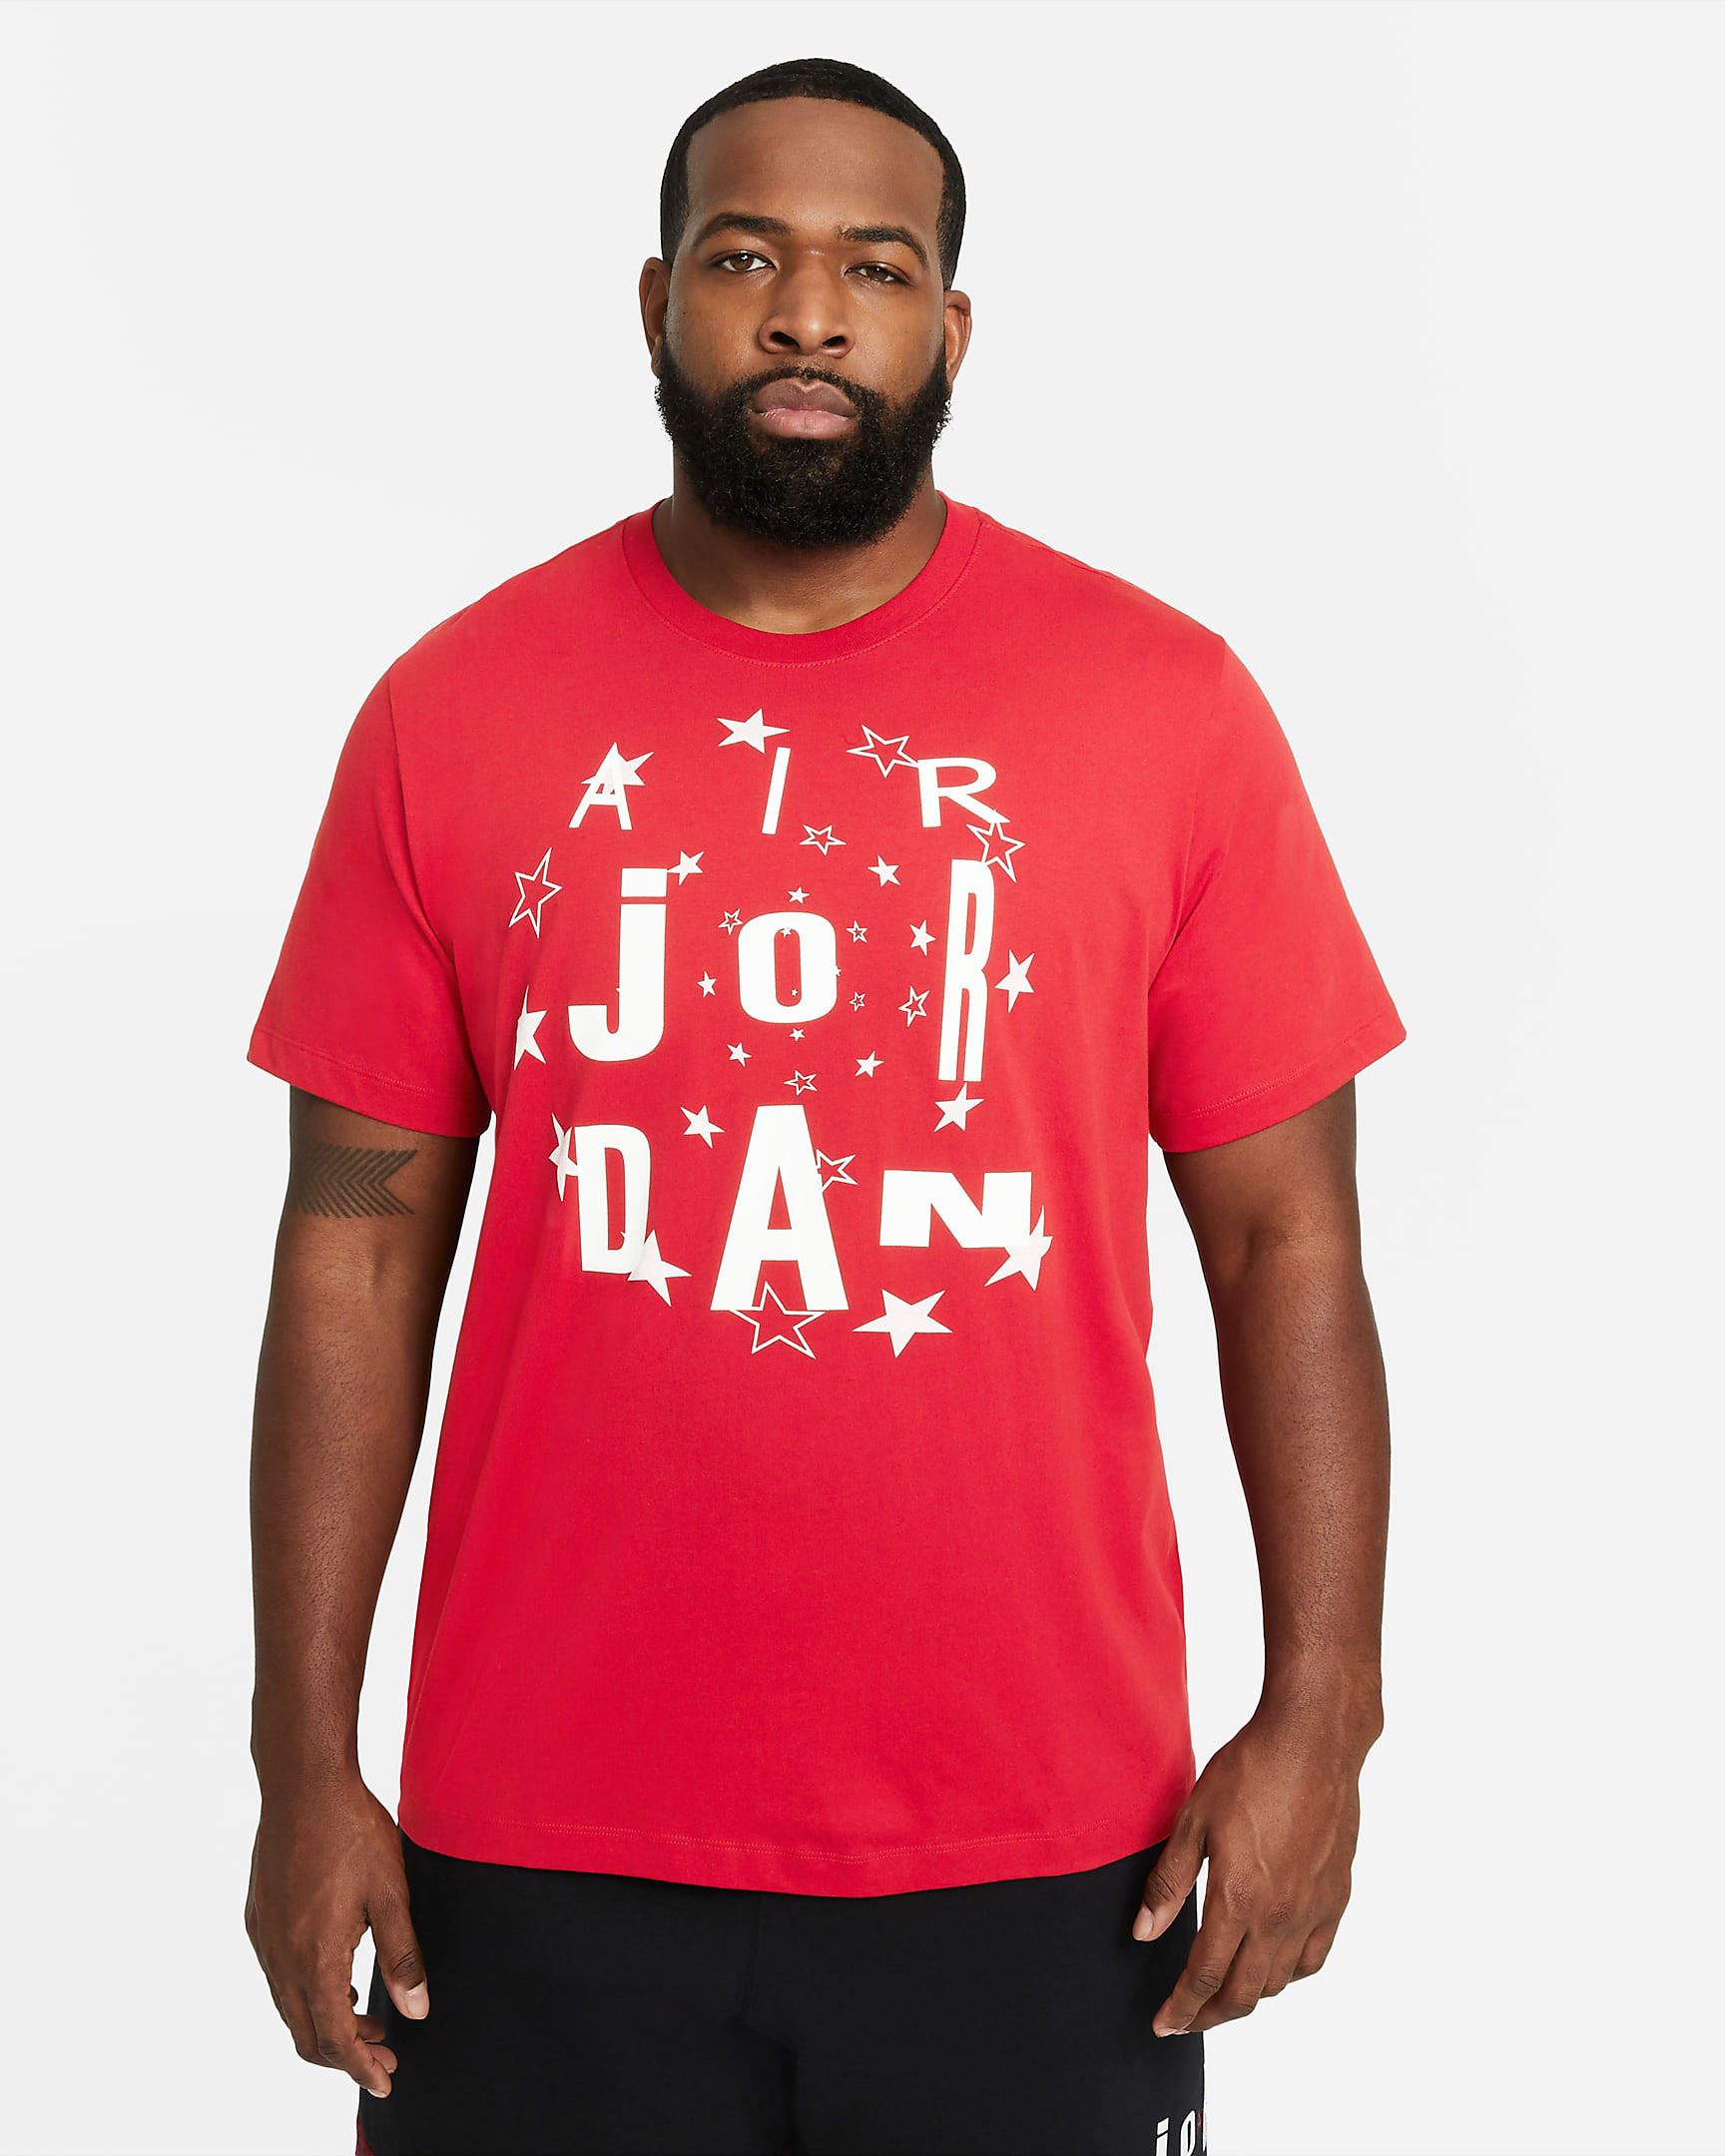 air-jordan-6-carmine-2021-sneaker-shirt